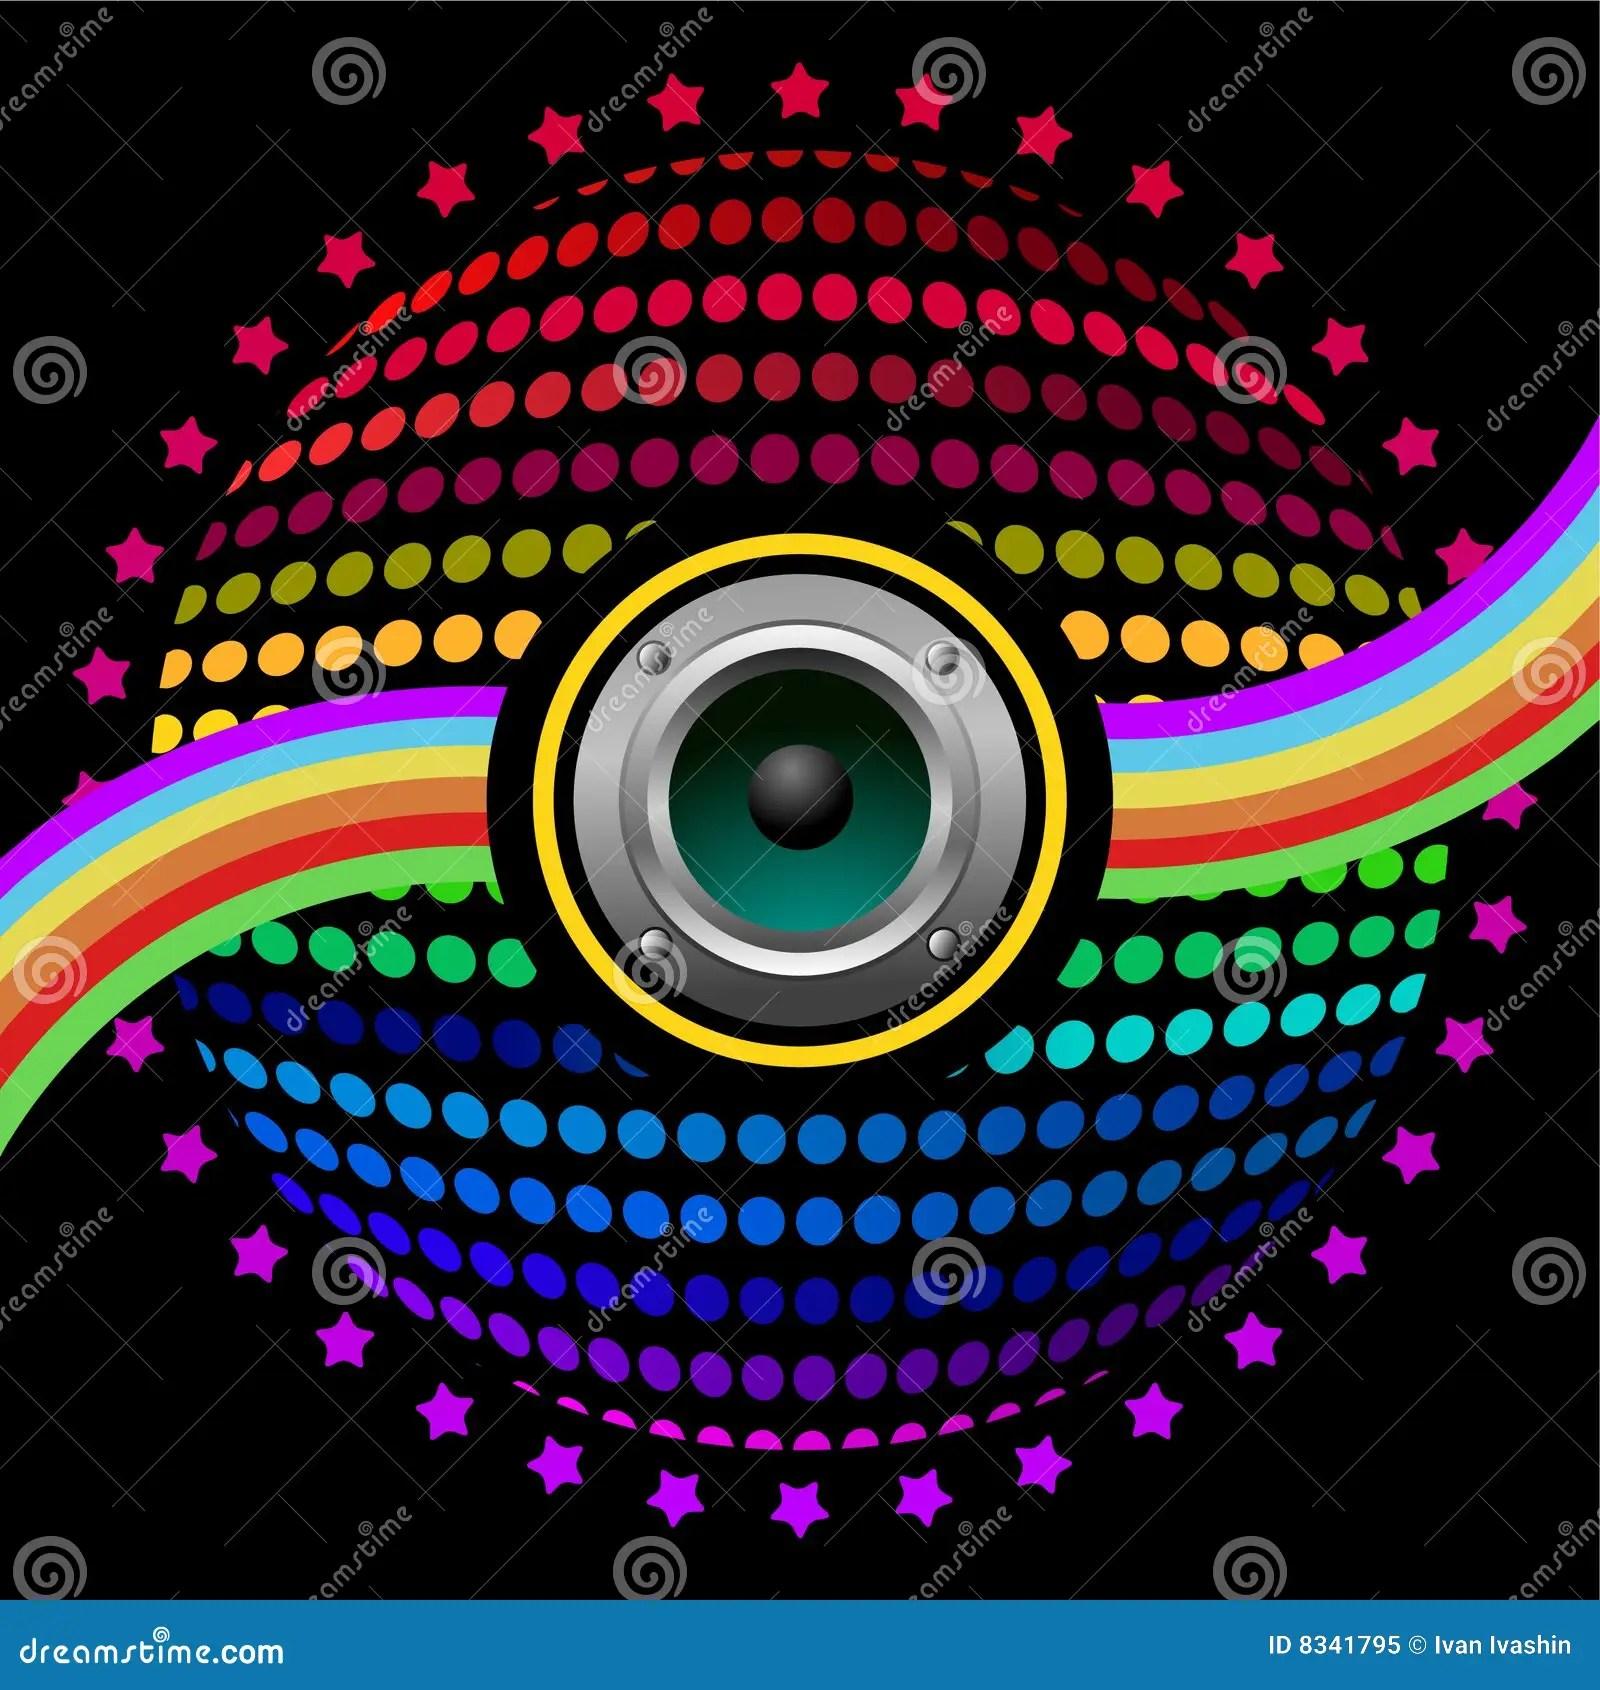 3d Dj Wallpaper Free Download Colorful Speaker Background Stock Illustration